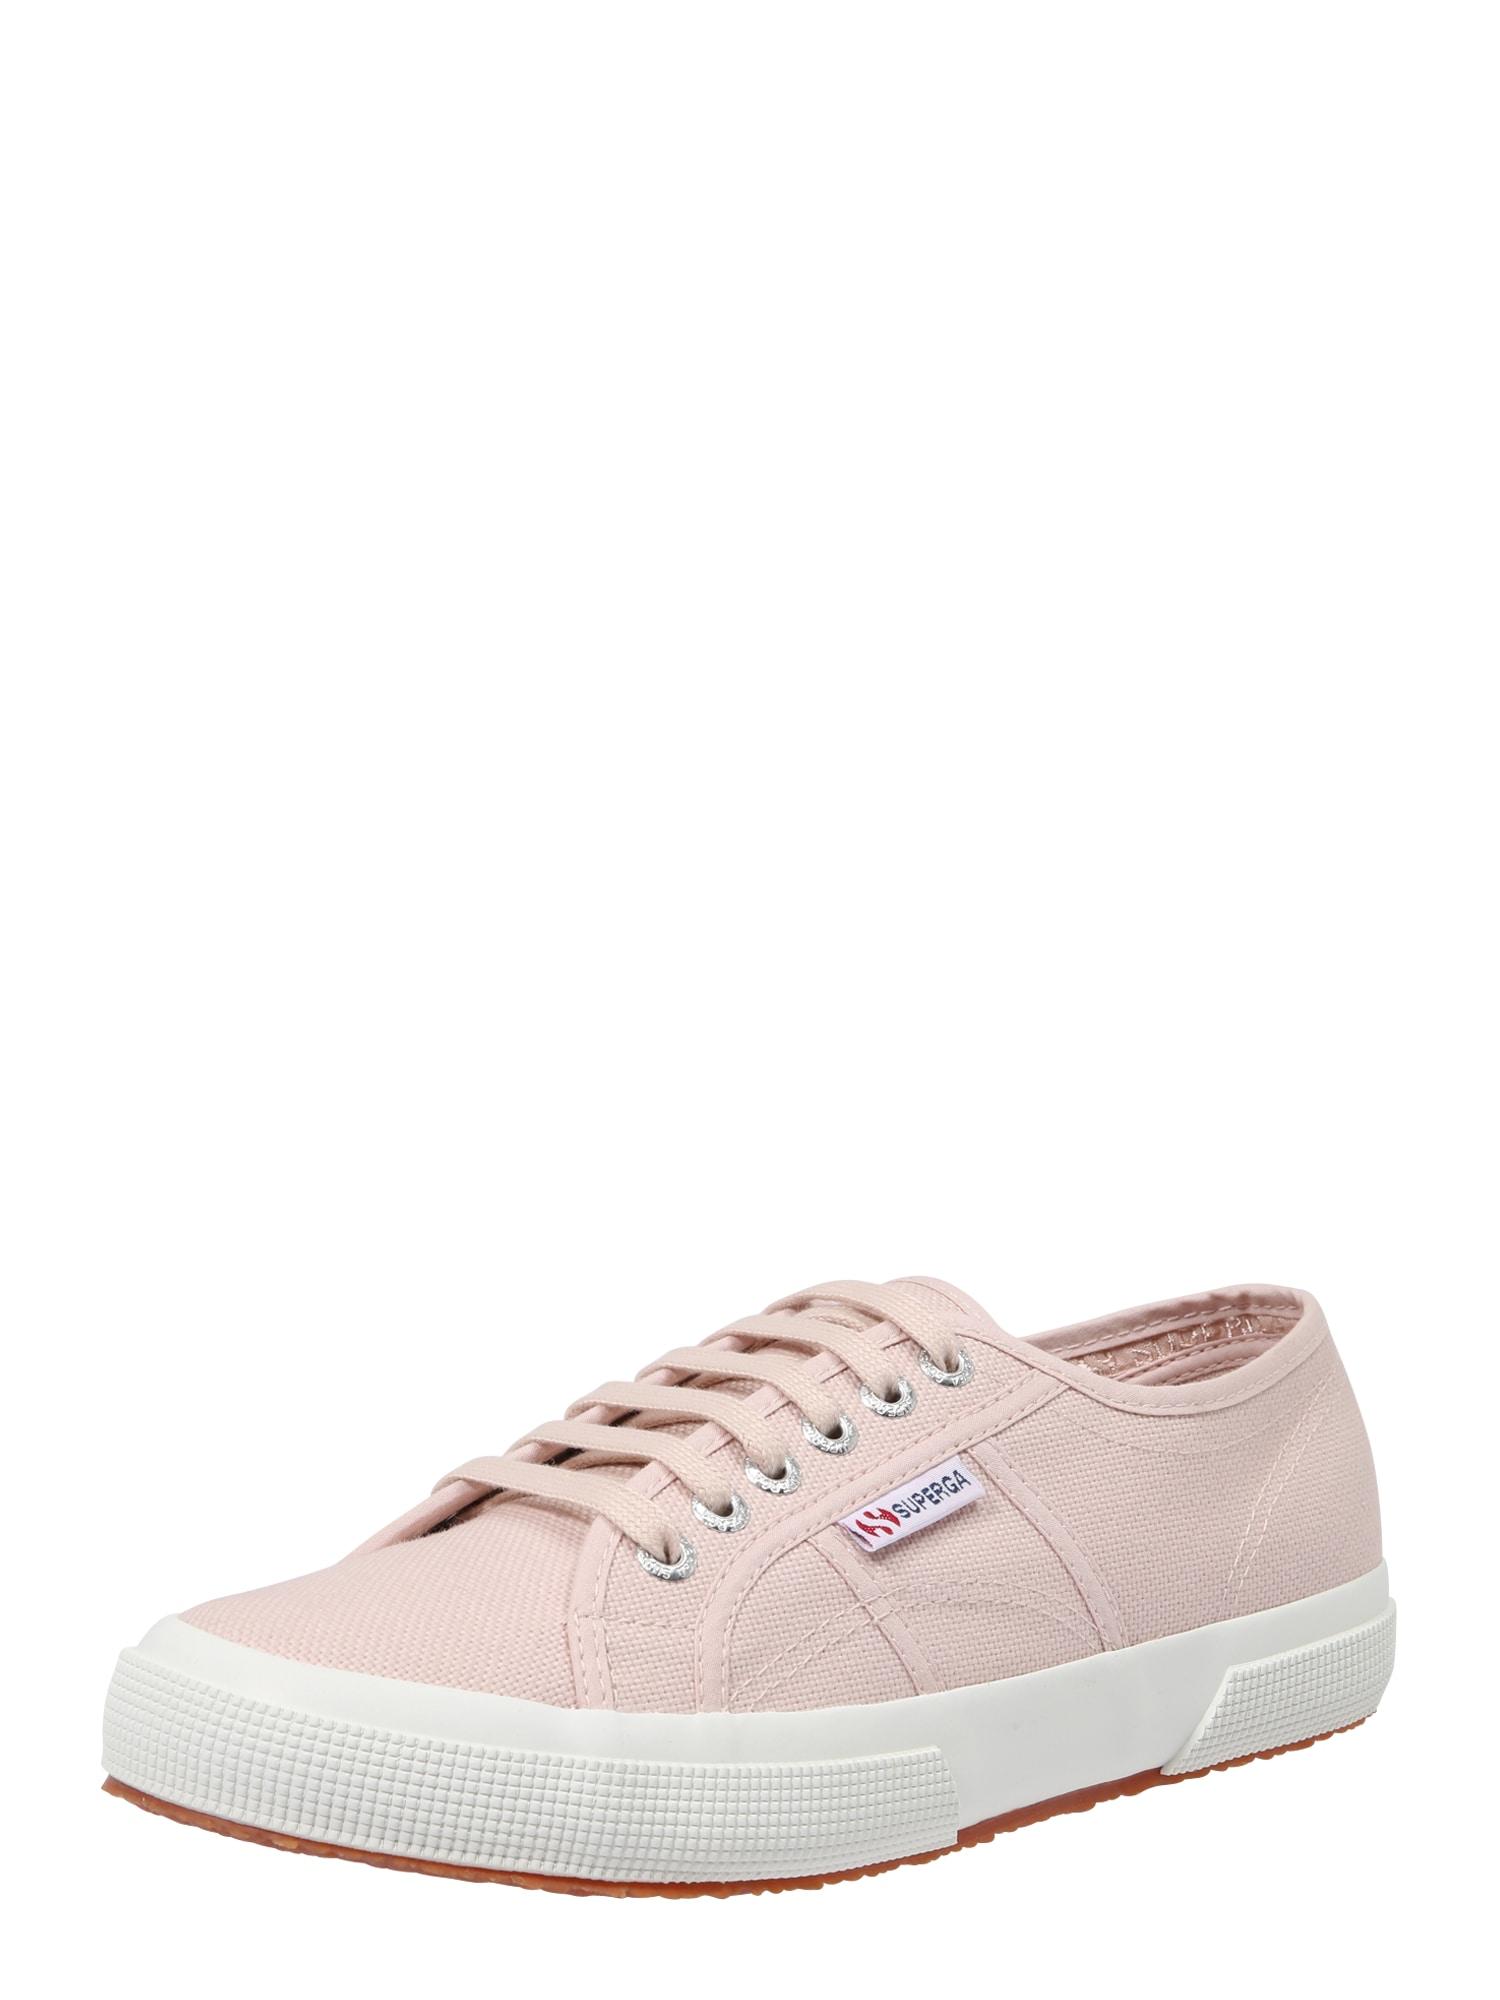 Tenisky 2750 Cotu Classic růžová bílá SUPERGA